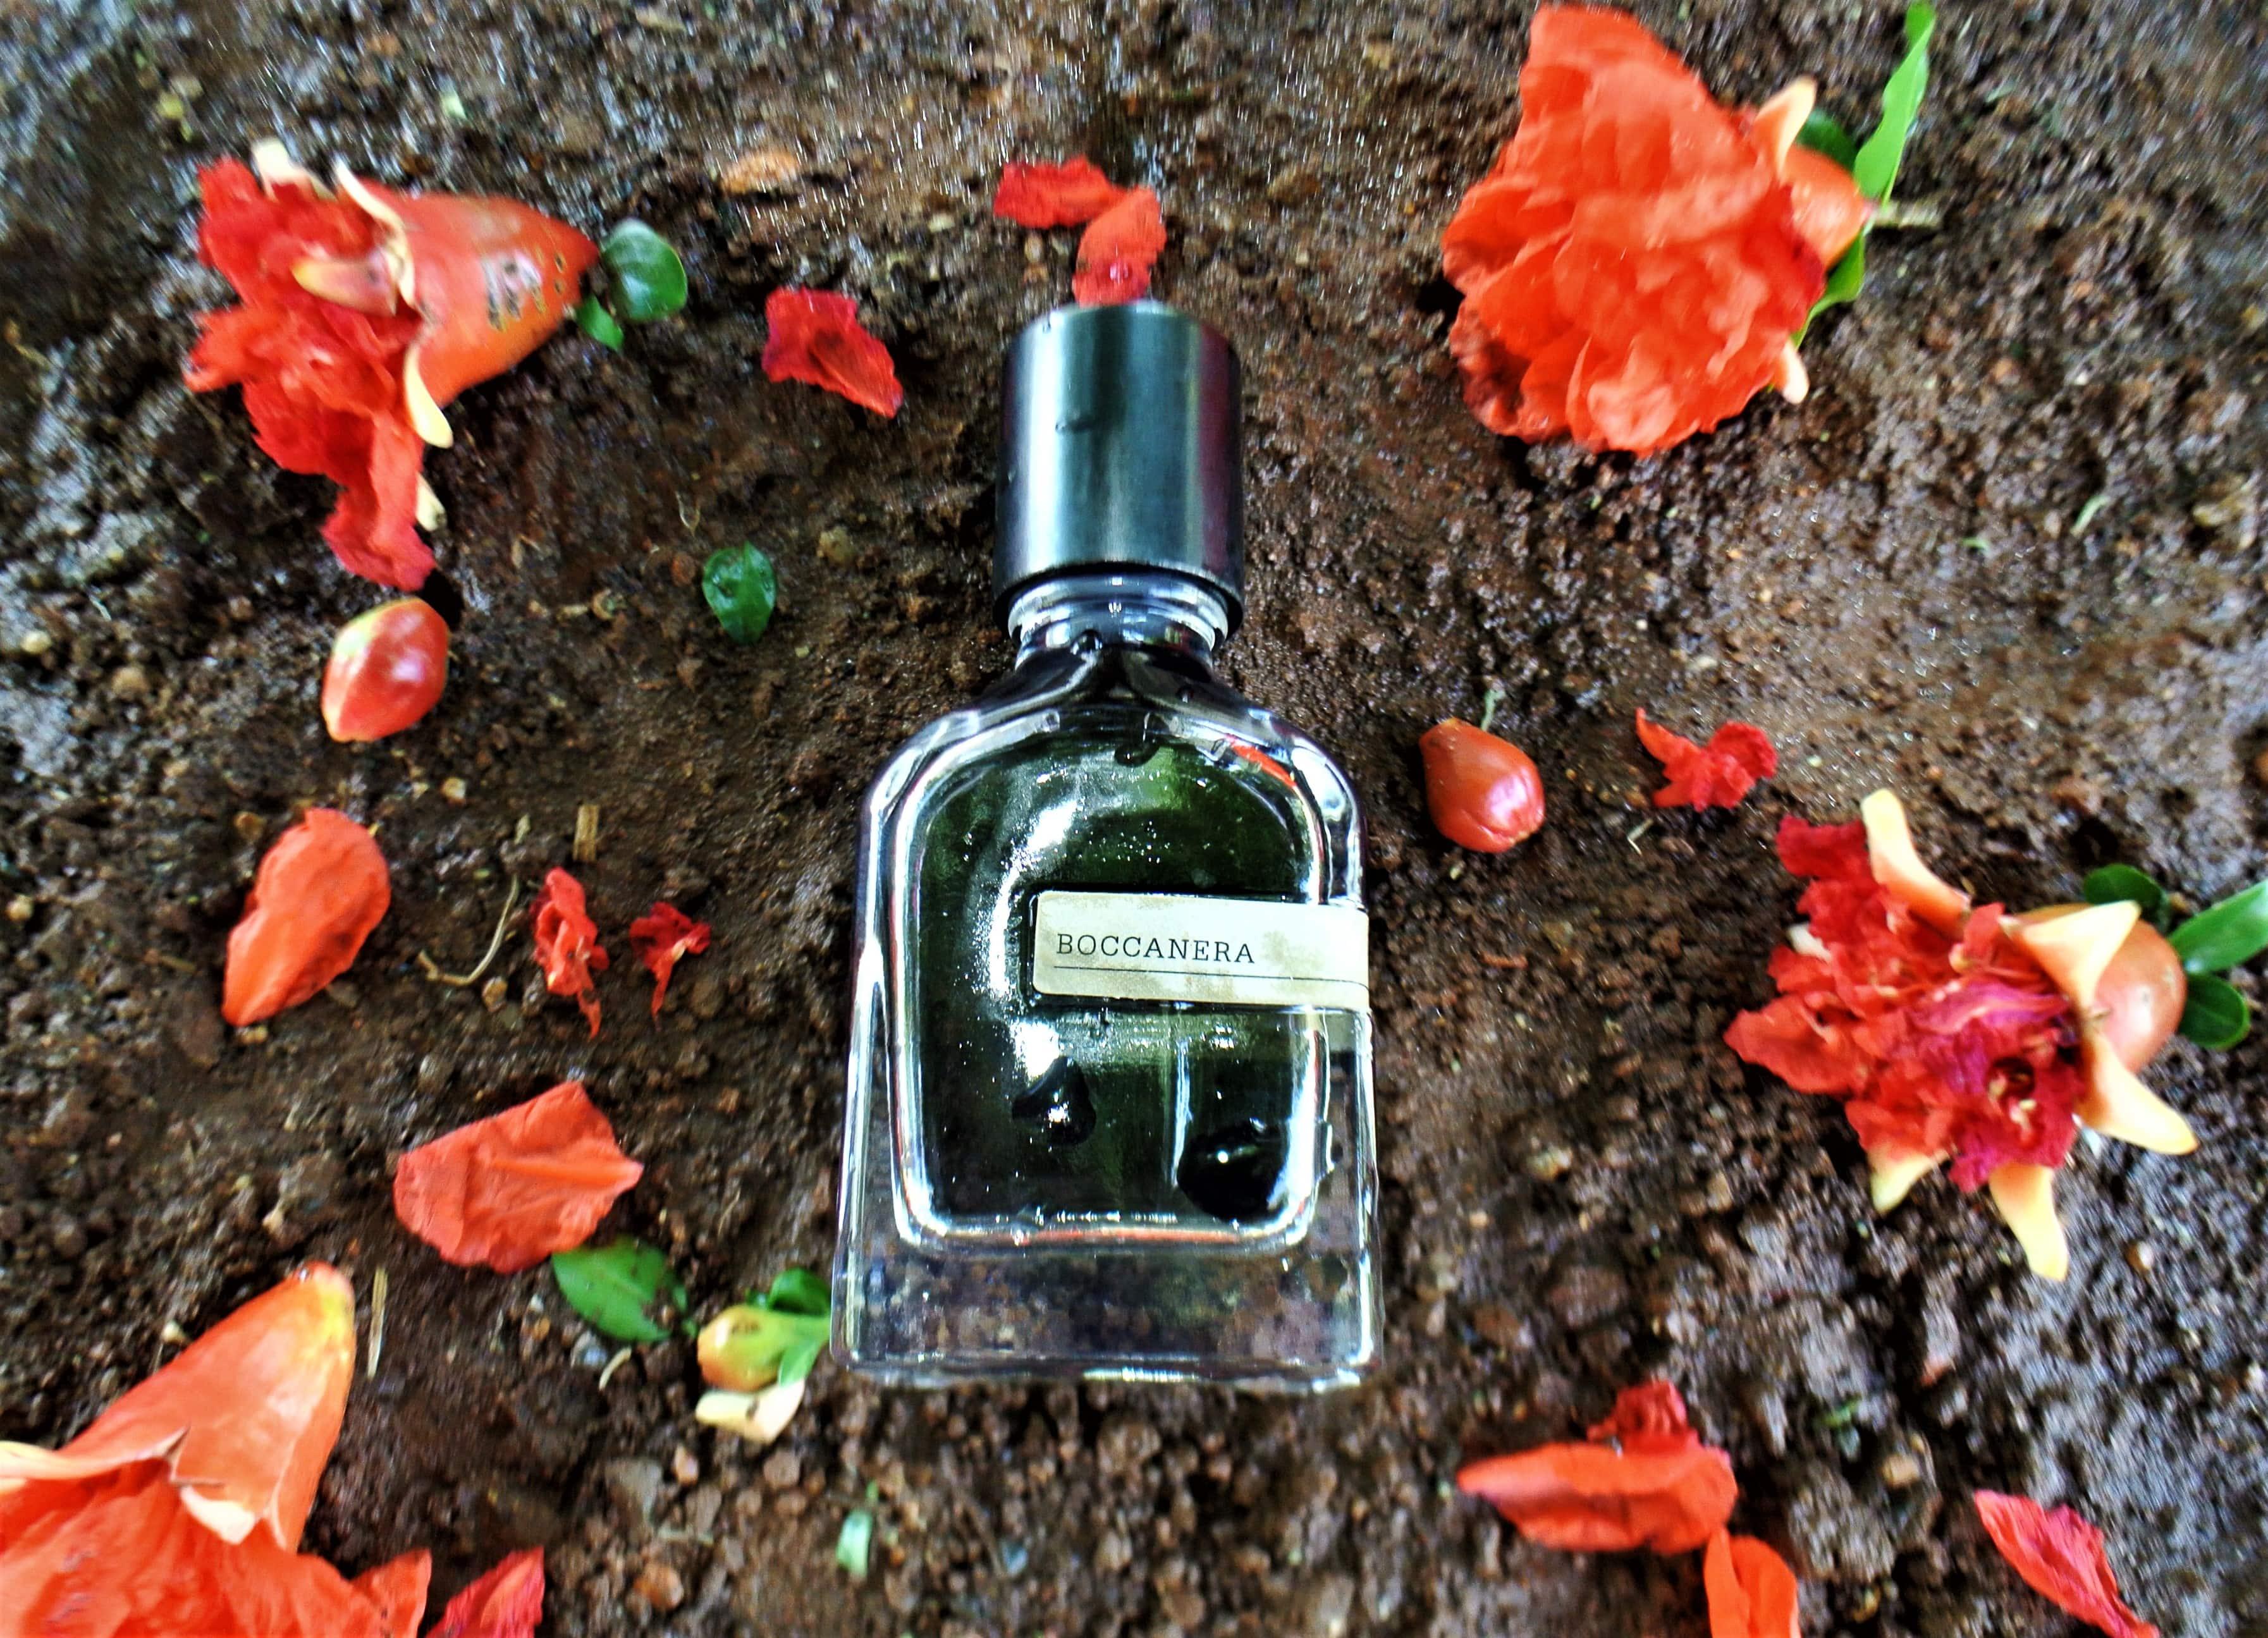 بررسی، مشاهده قیمت و خرید عطر (ادکلن) اورتو پاریسی بوکانرا Orto Parisi Boccanera اصل